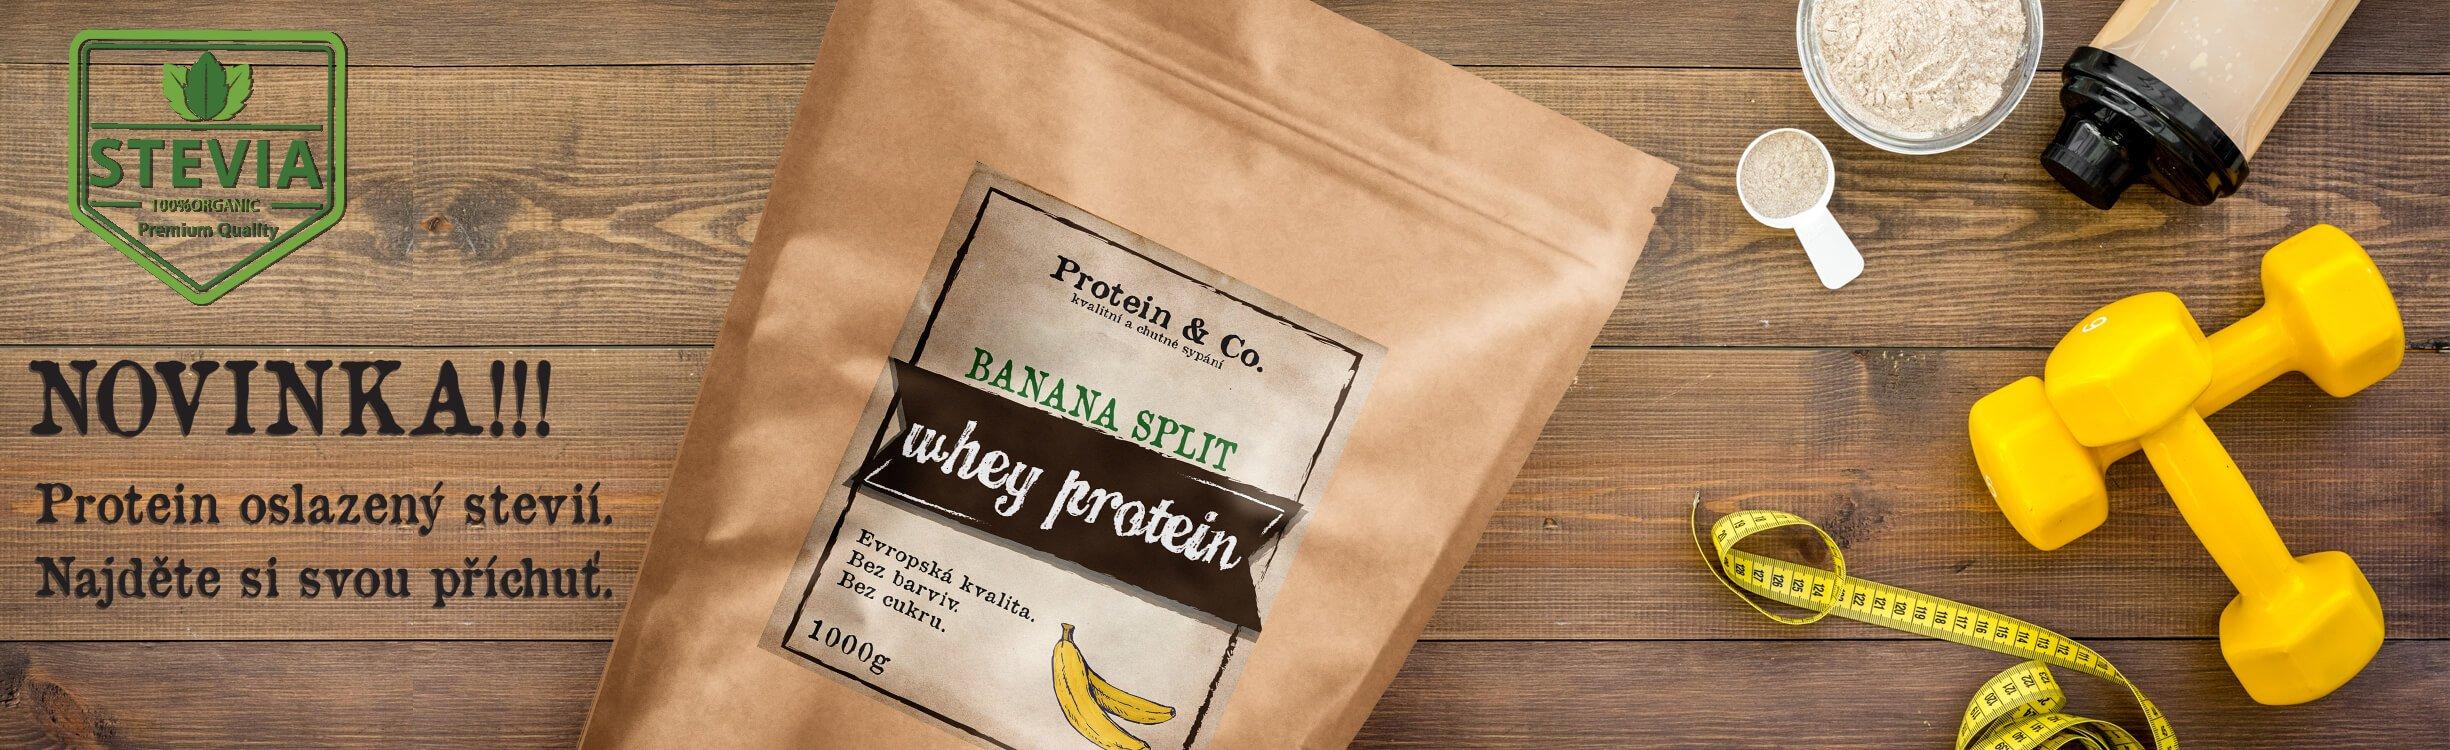 Protein&Co. protein slazený stevií